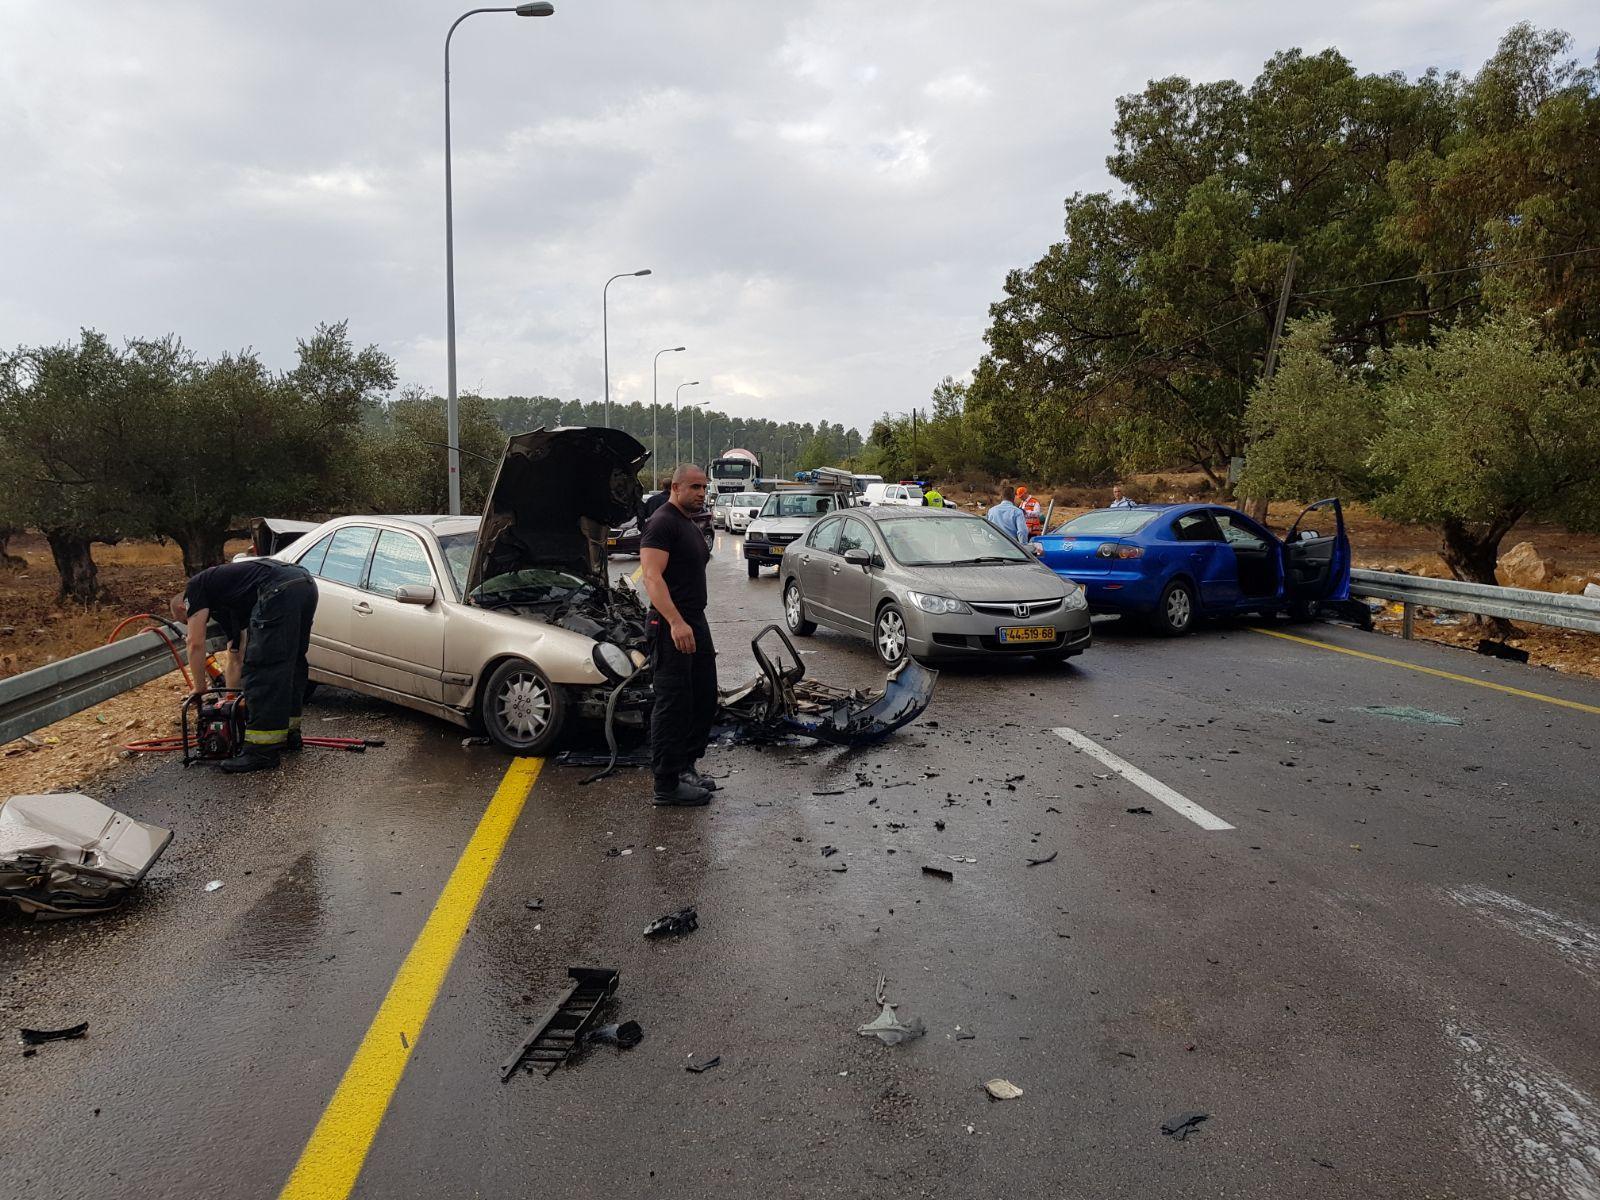 إصابتان خطيرتان في حادث طرق بمدخل شعب